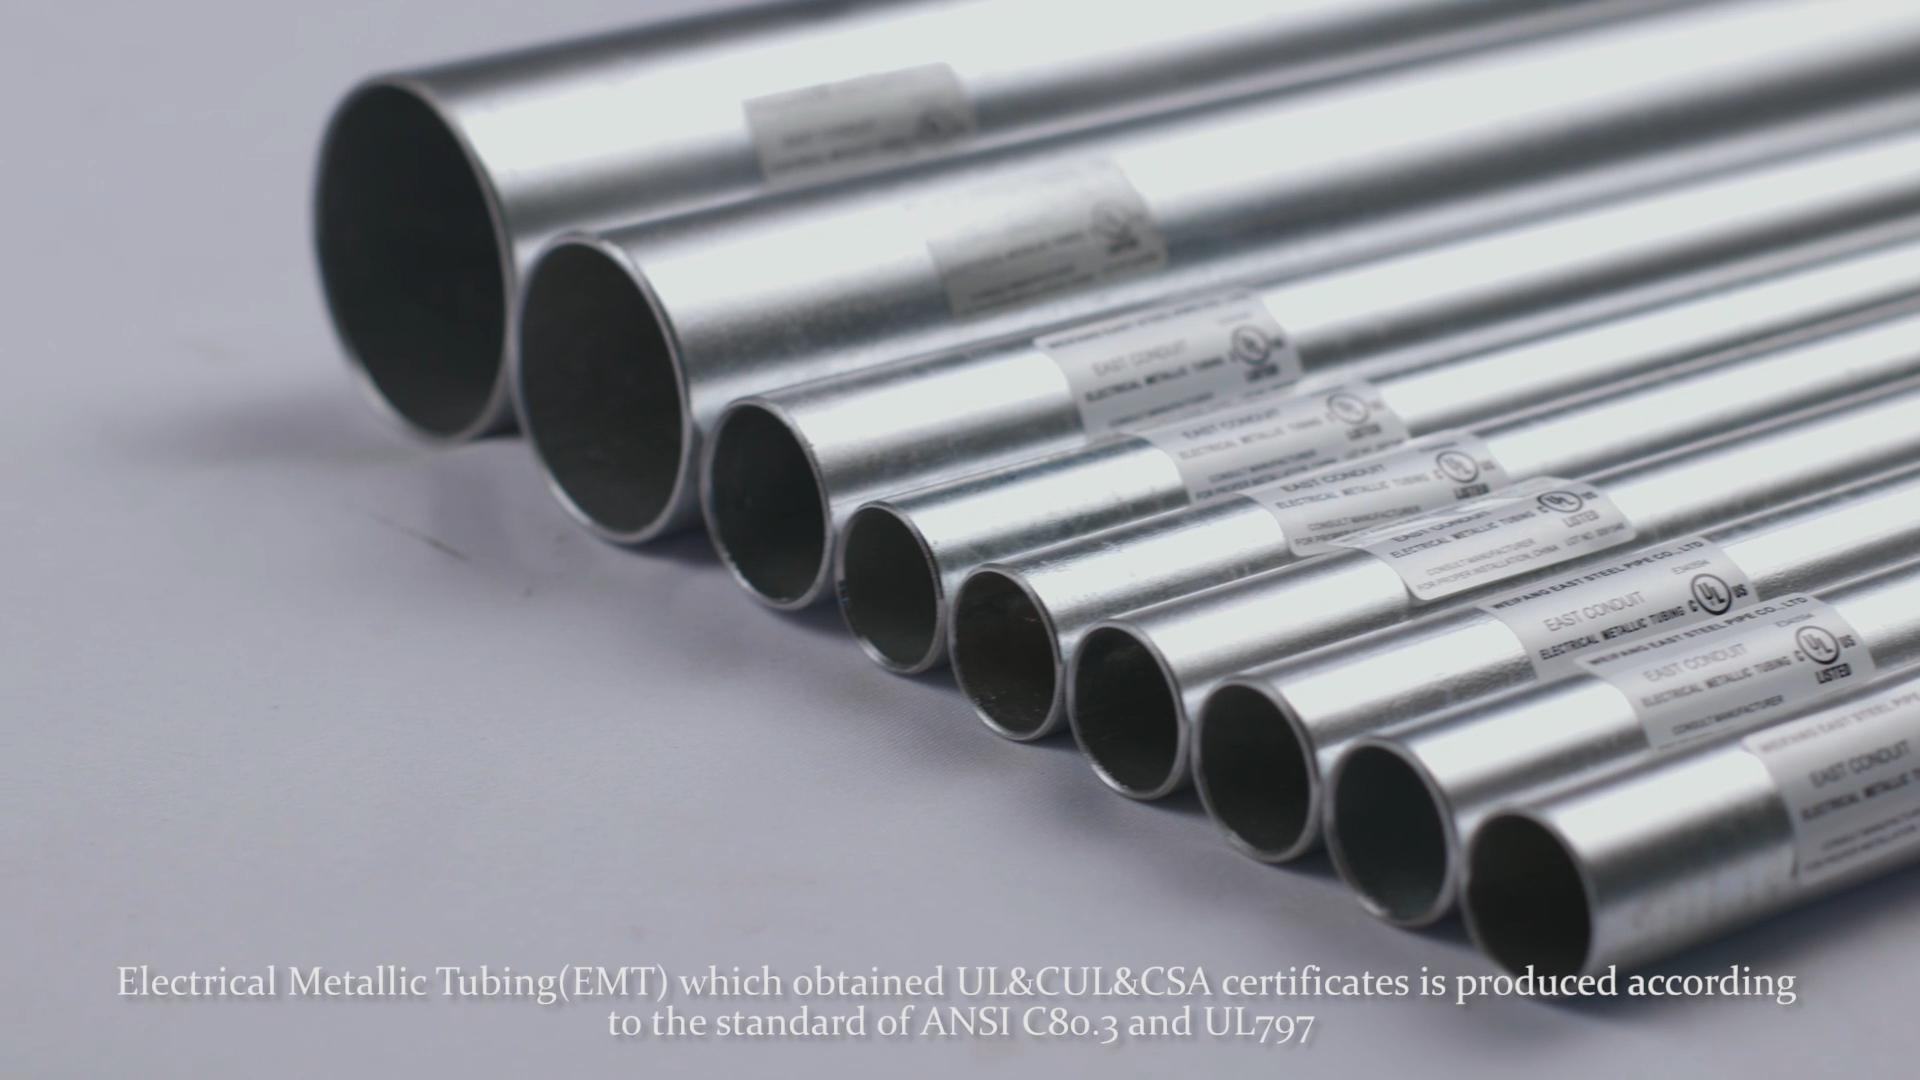 Supplies of ventajas y desventajas de las tuberias emt gi conduit pipe 3 4